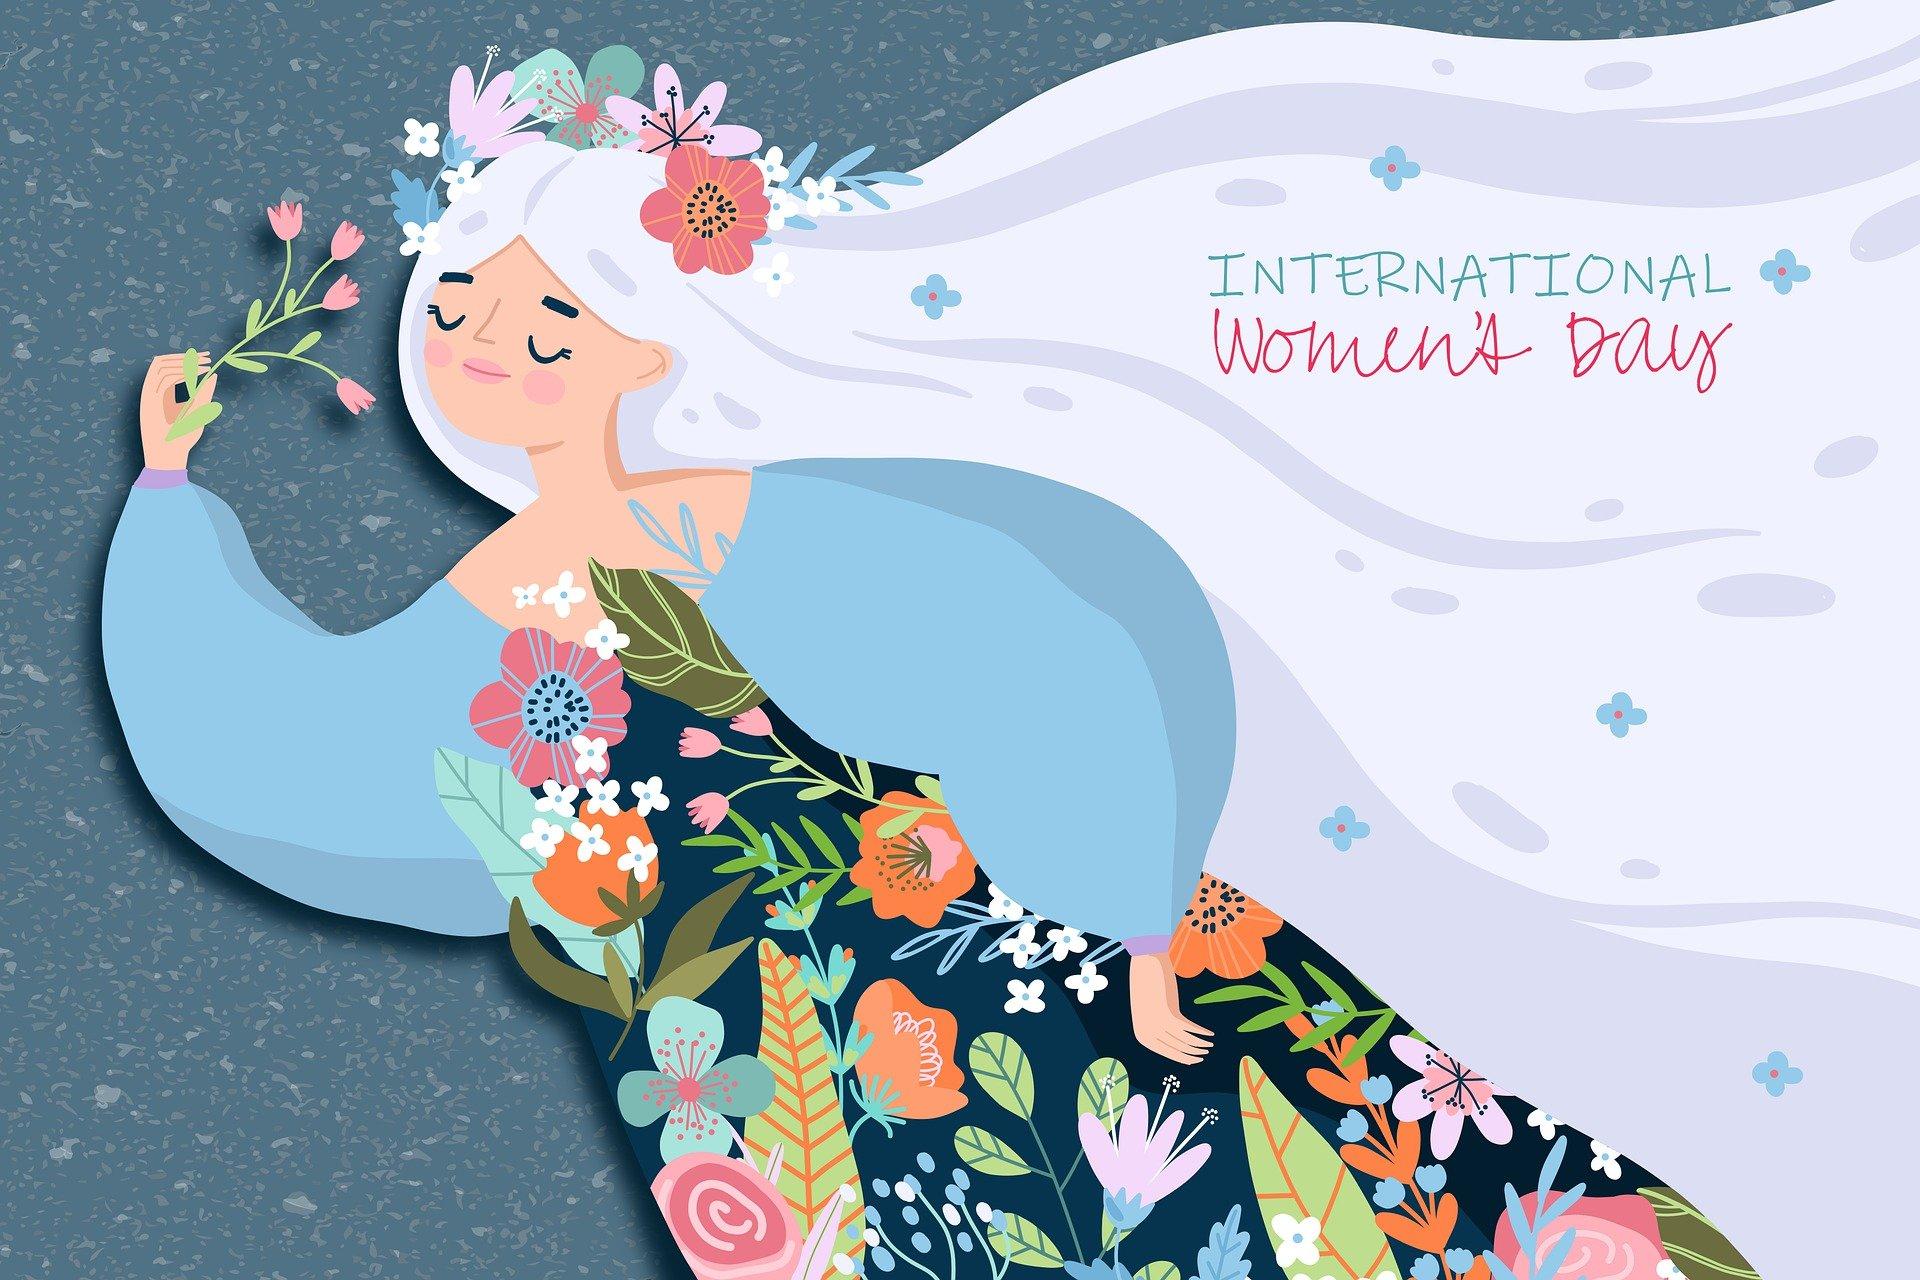 Am 08. März ist der internationale Weltfrauentag!